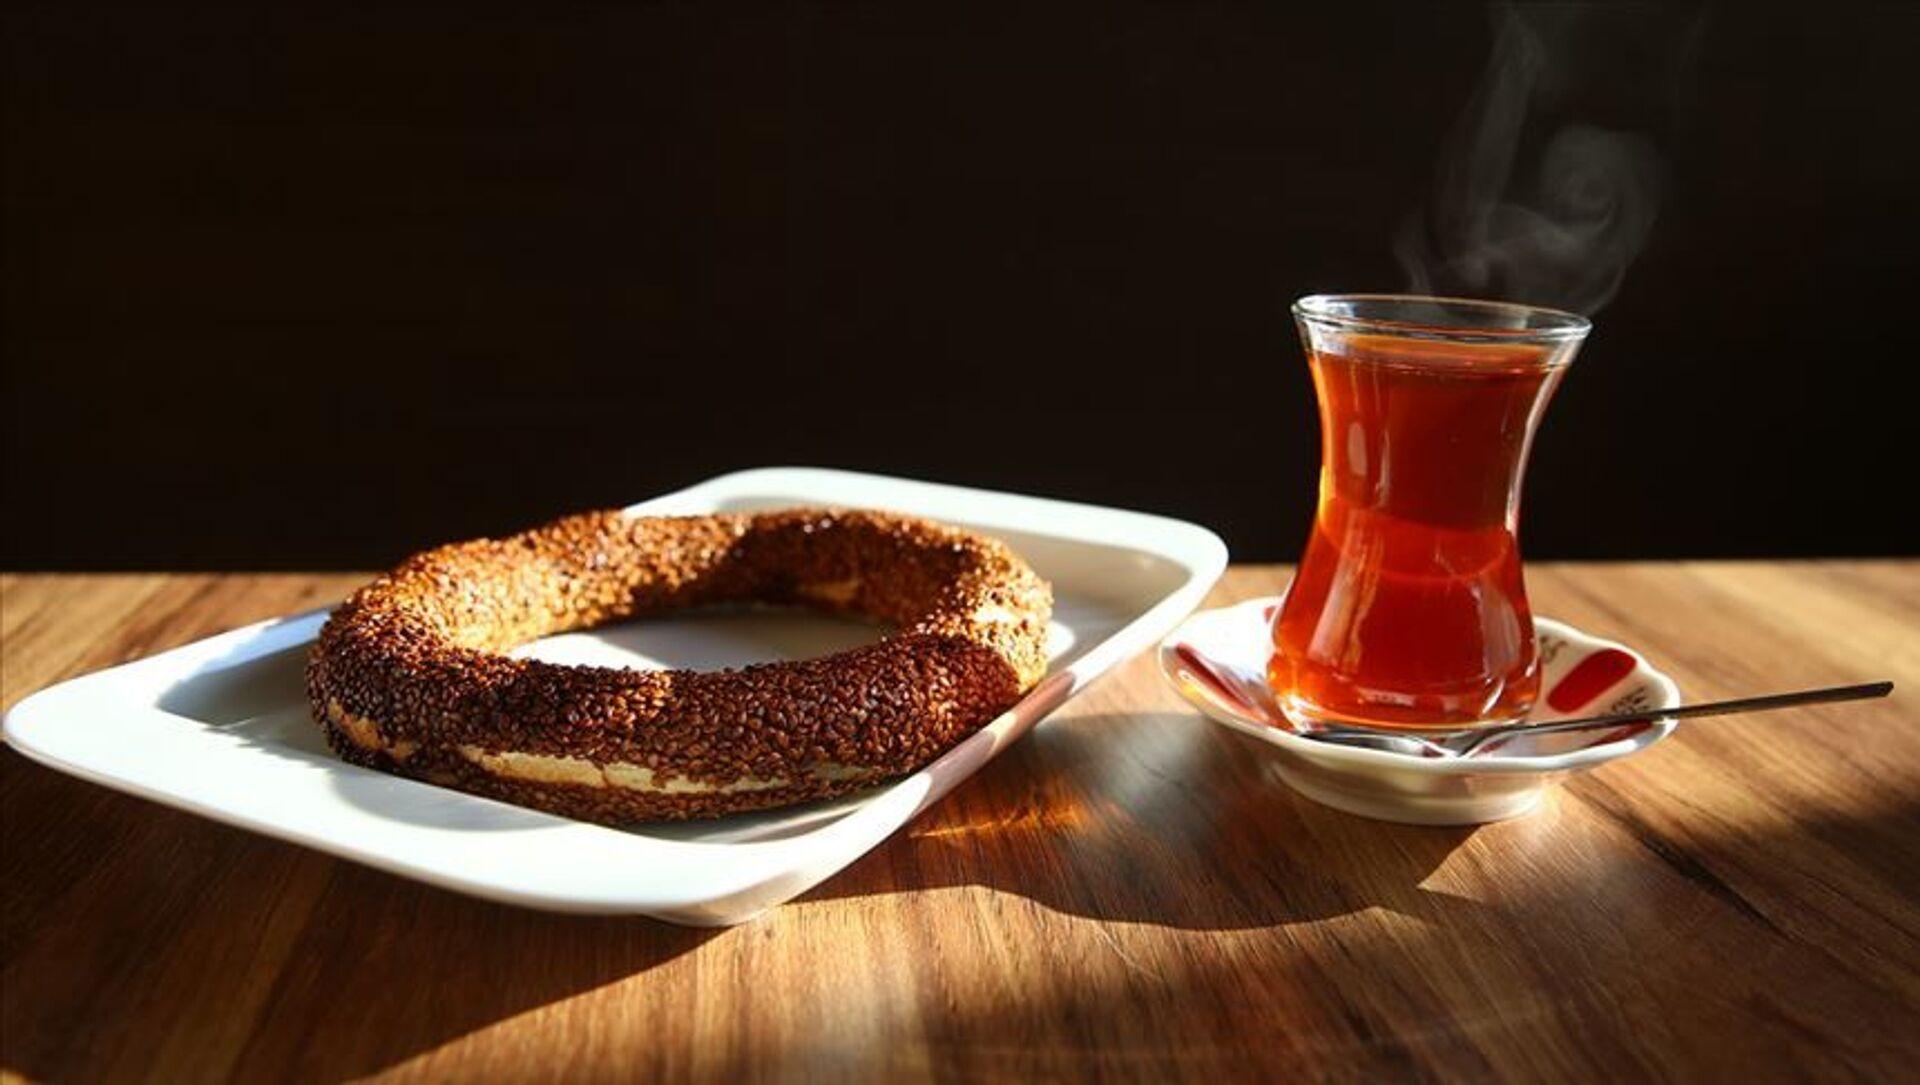 Çay simit / açlık sınırı - Sputnik Türkiye, 1920, 05.08.2021